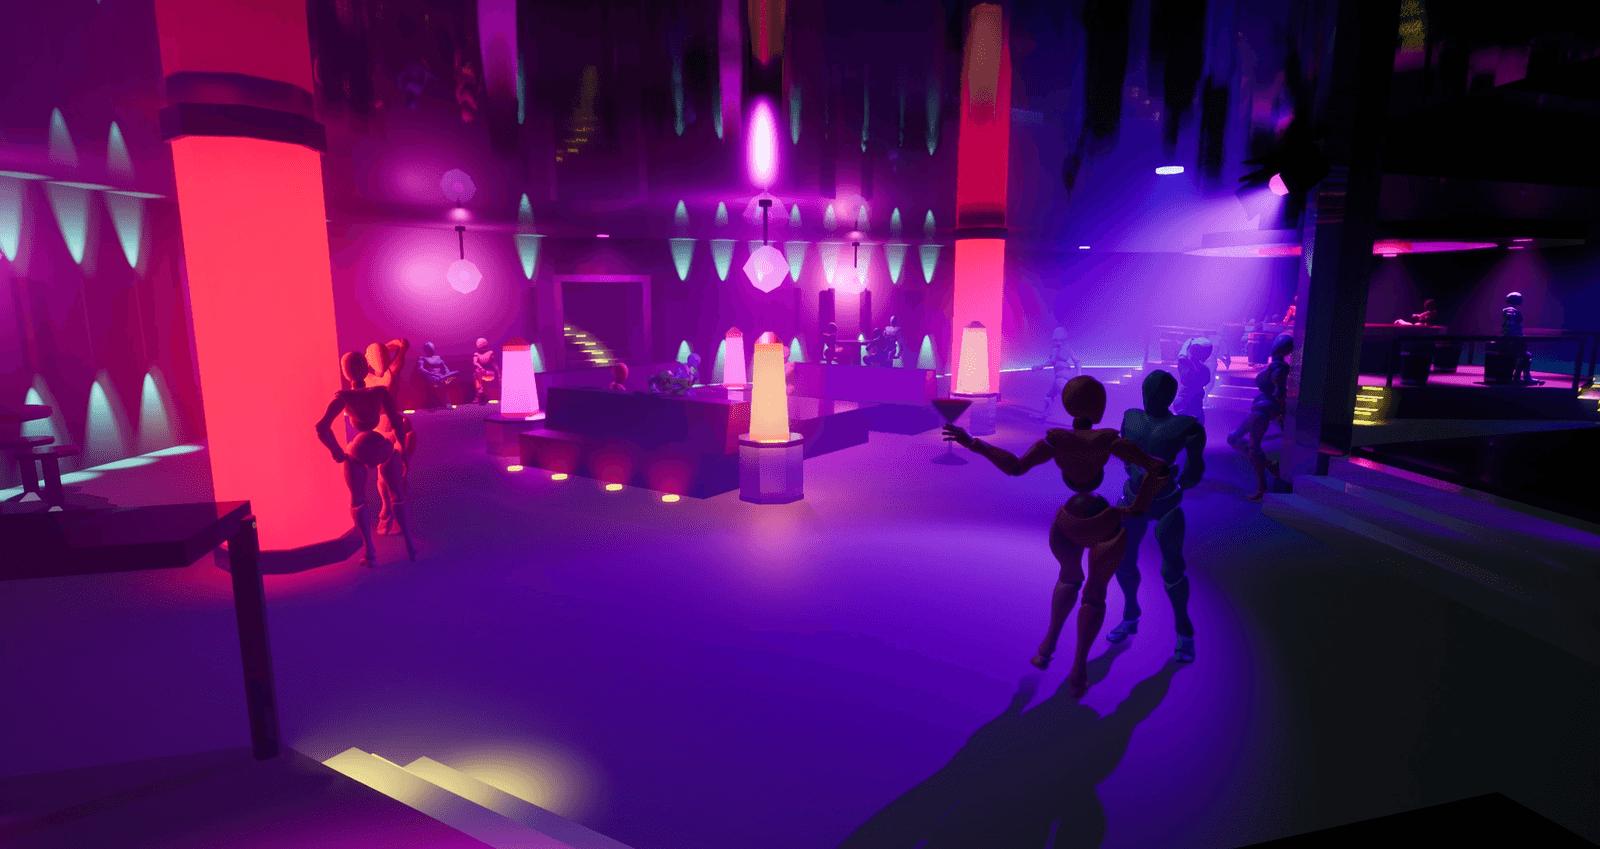 Pieces - Screenshot 03